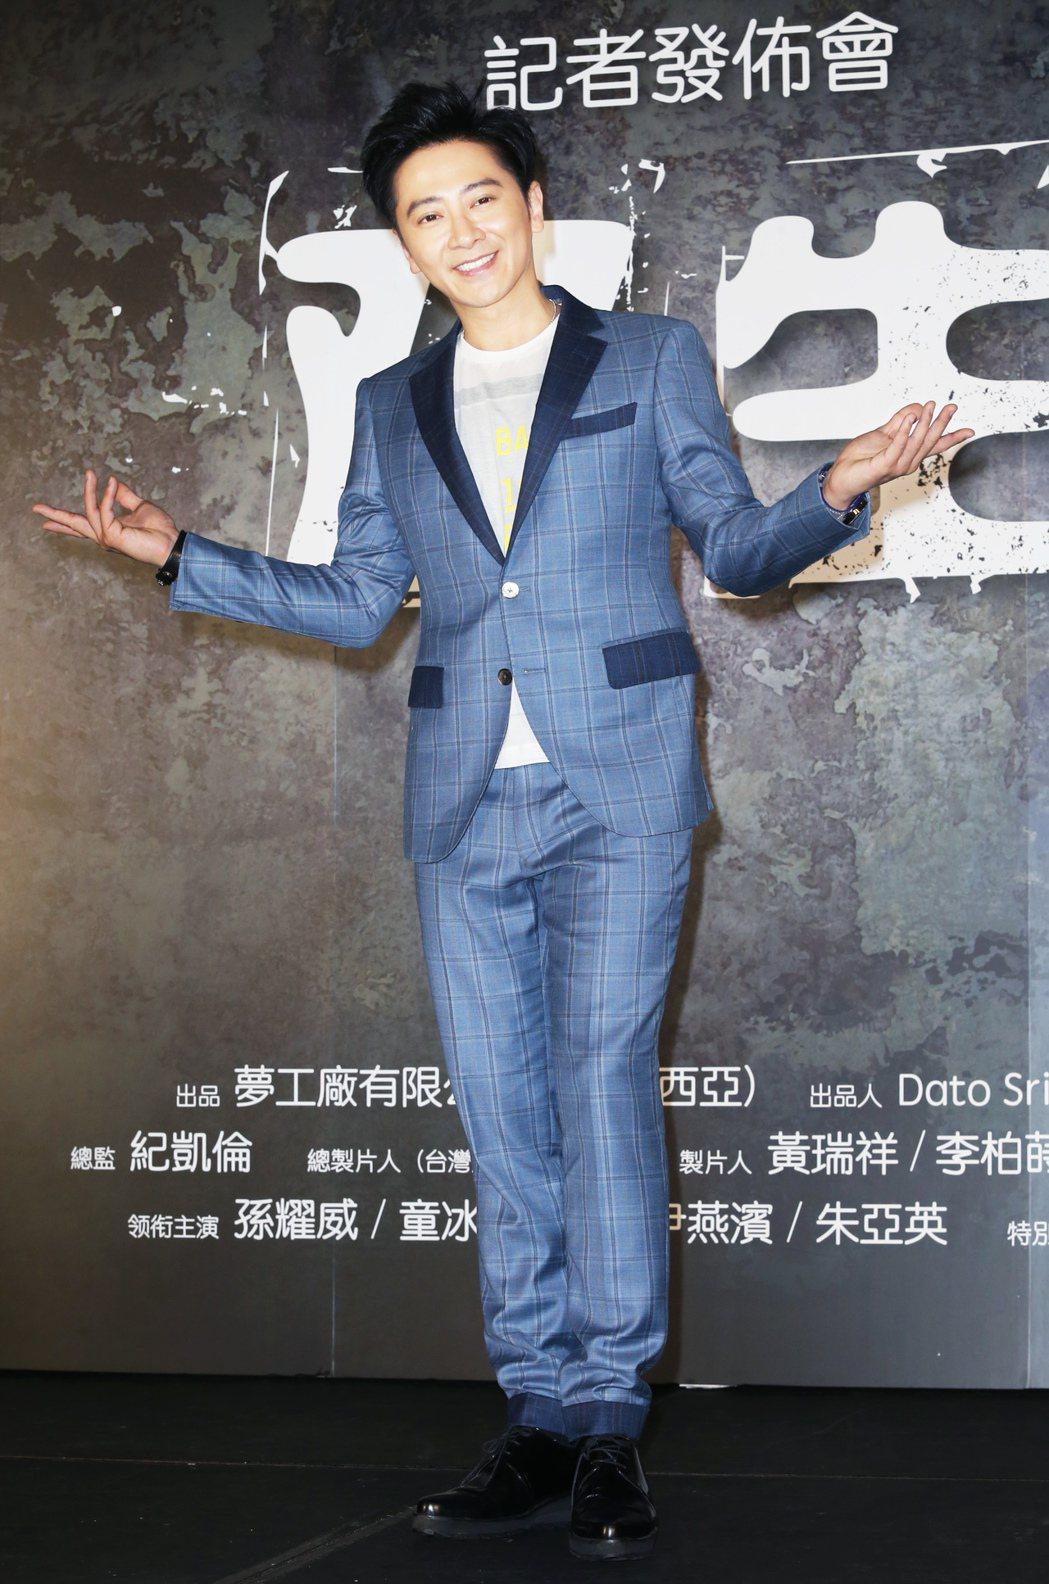 電影《双生》在台北舉行開機記者會,劇中男主角孫耀威出席記者會。記者徐兆玄/攝影